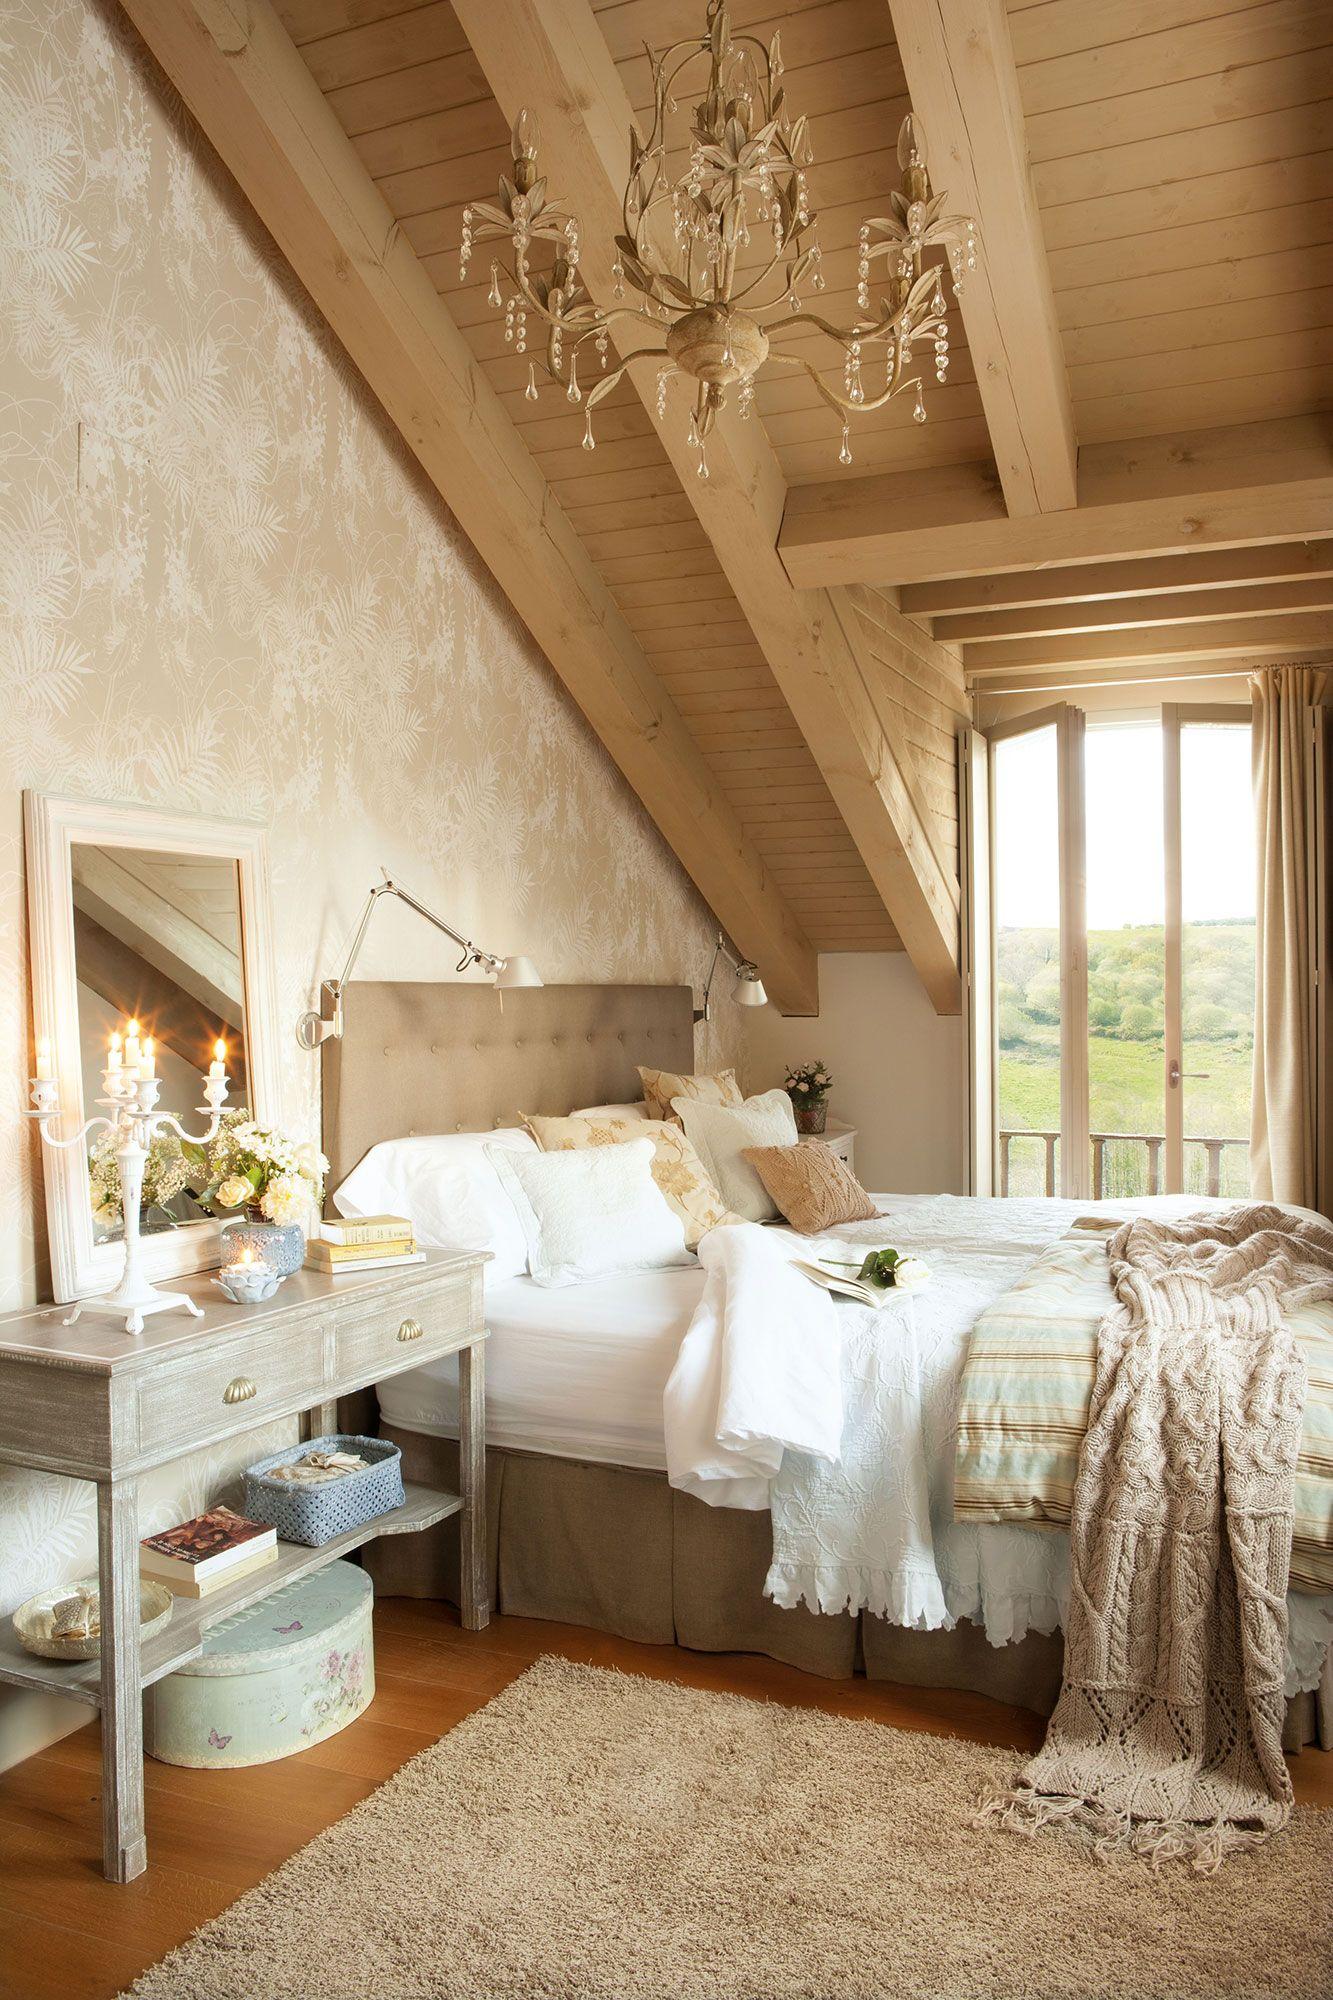 Dormitorio con techos abuhardillados de madera | Cama cómoda ...